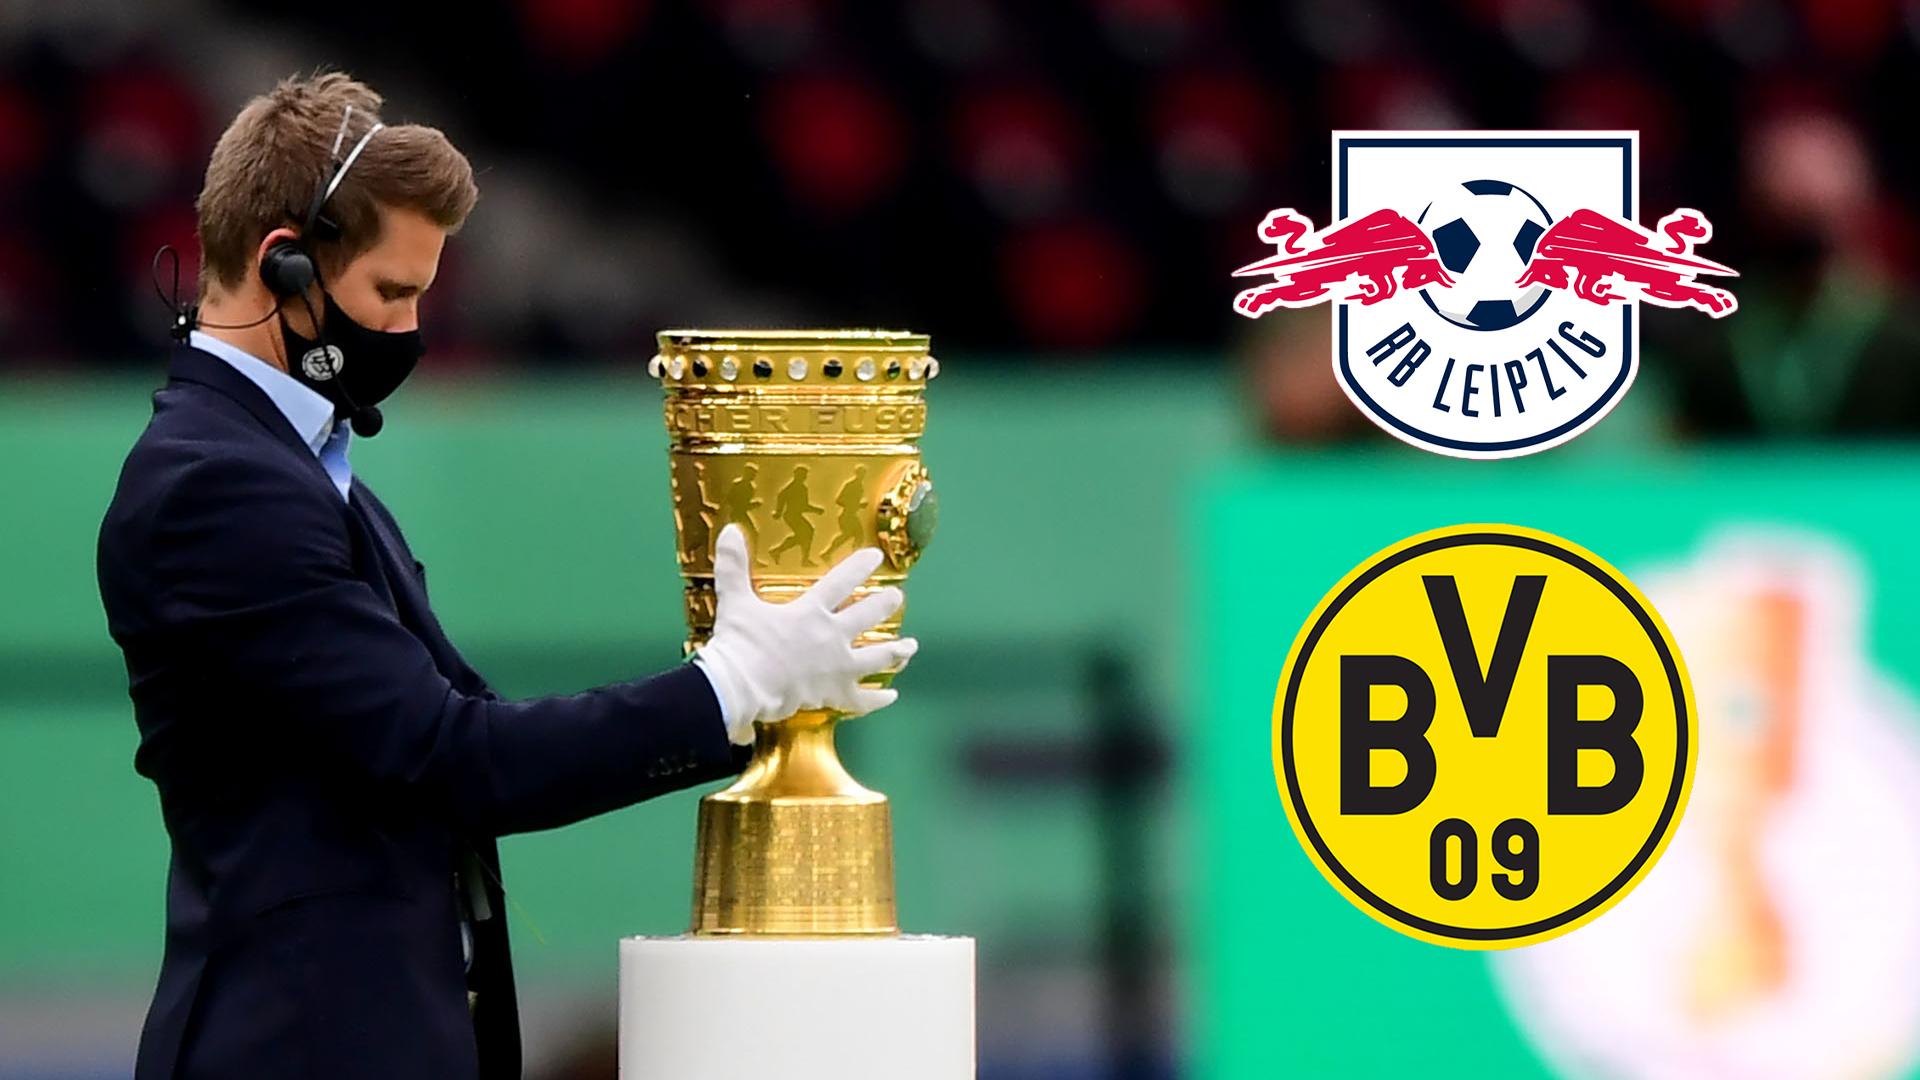 Bvb Kann Erling Haaland Im Dfb Pokalfinale Heute Spielen So Steht Es Um Den Angreifer Von Borussia Dortmund Goal Com